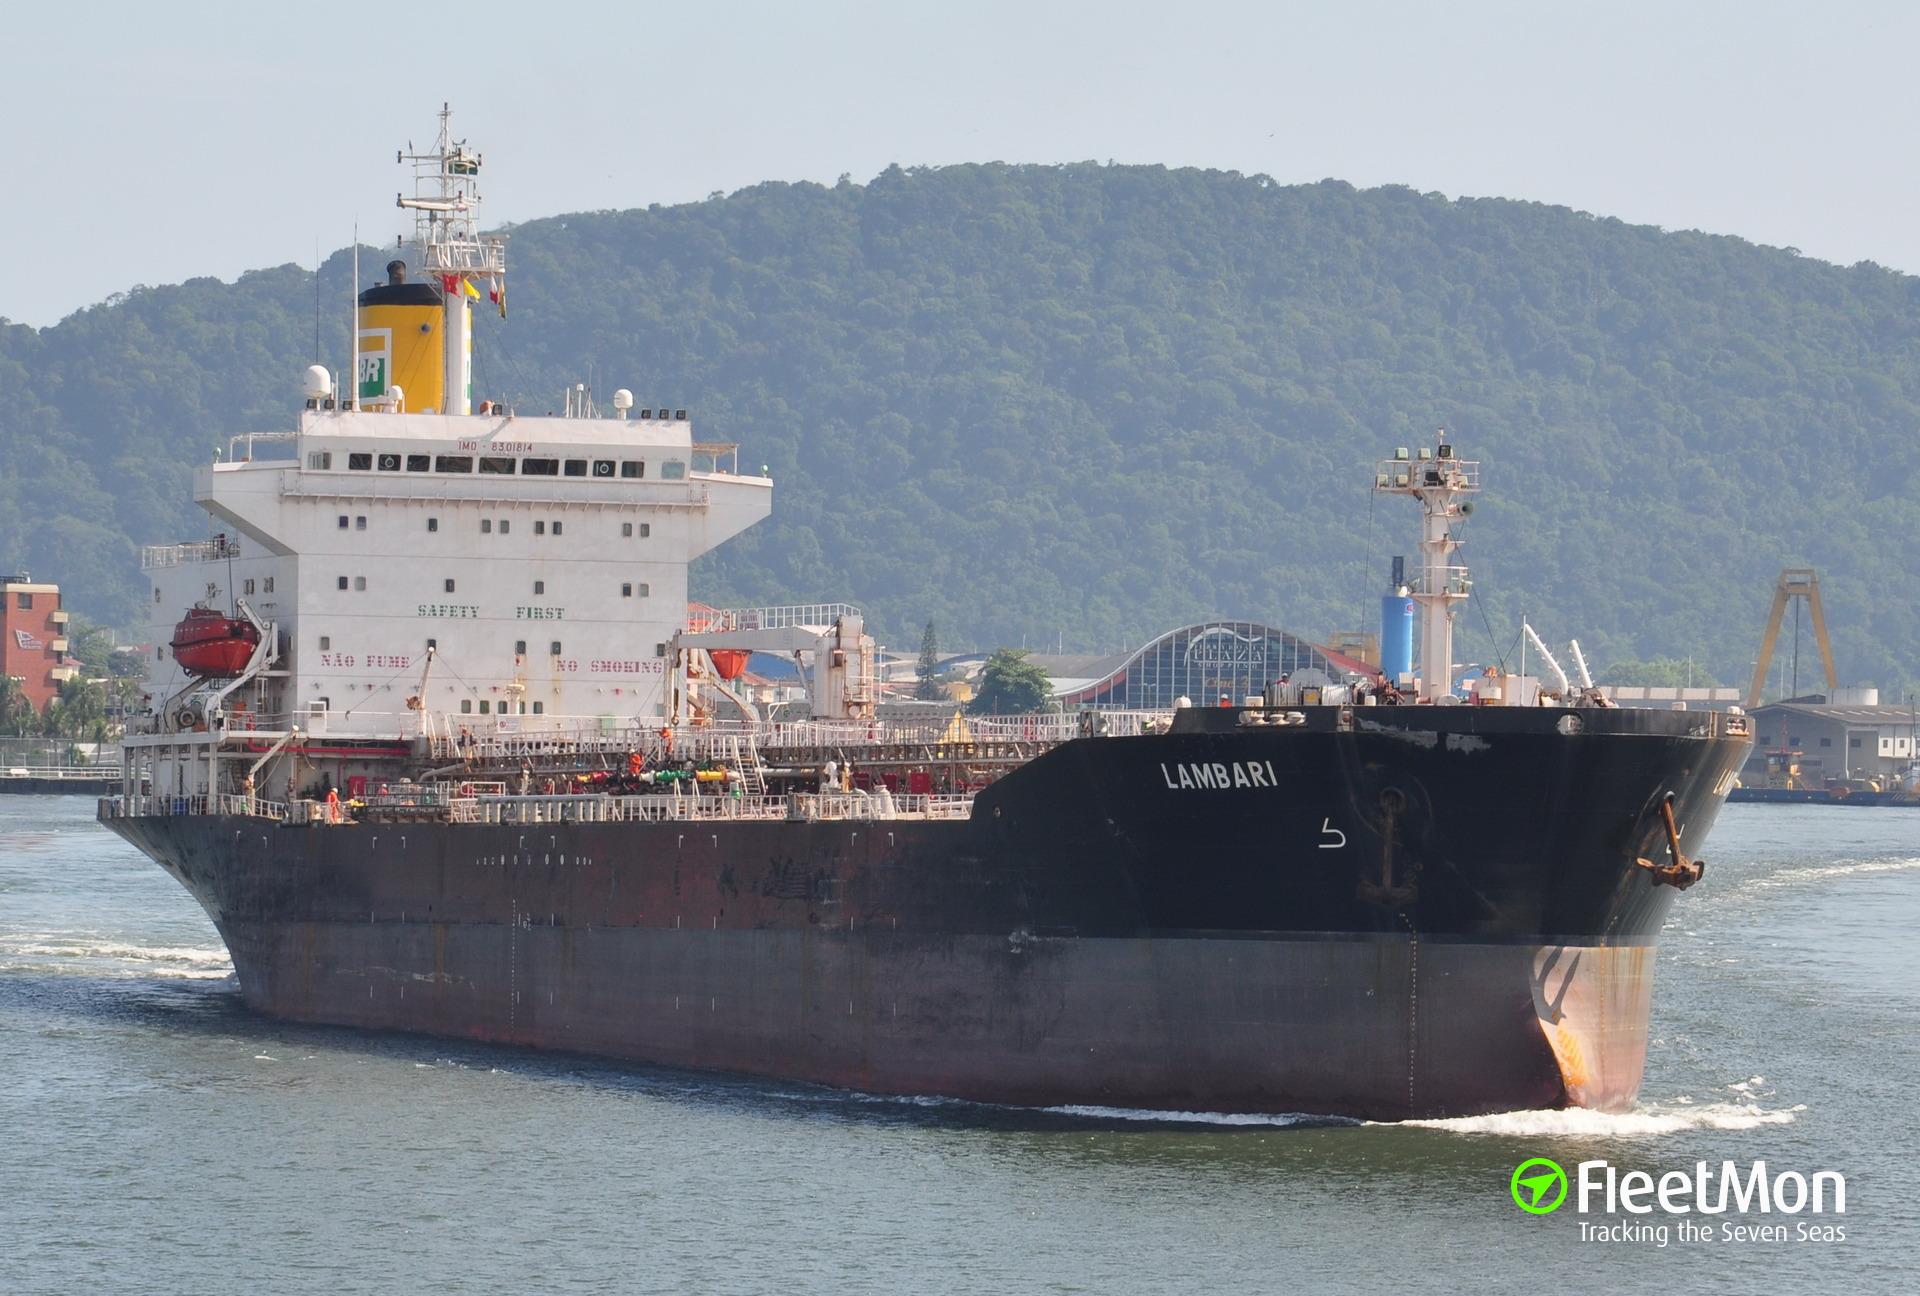 Product tanker Ambar disabled in Arabian sea